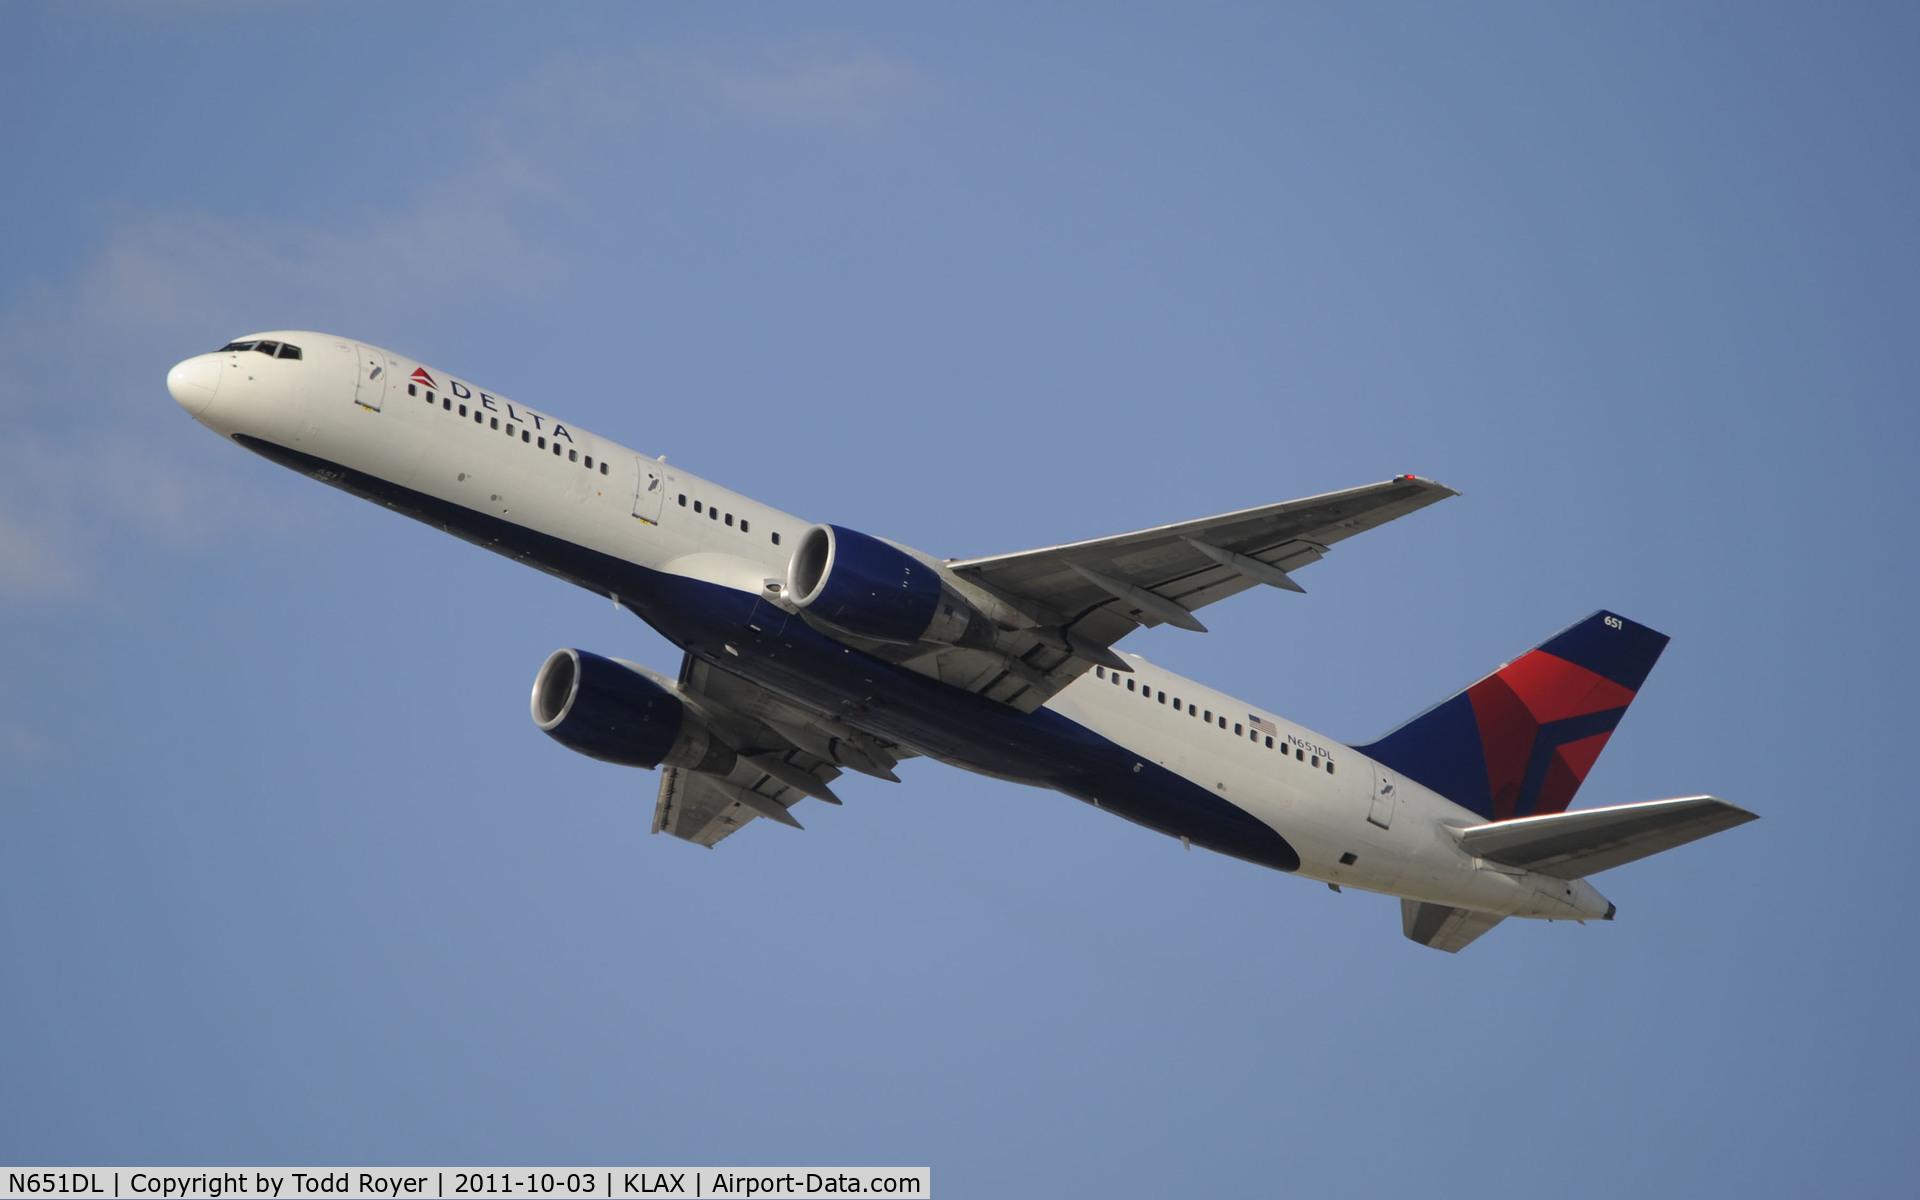 N651DL, 1989 Boeing 757-232 C/N 24391, Departing LAX